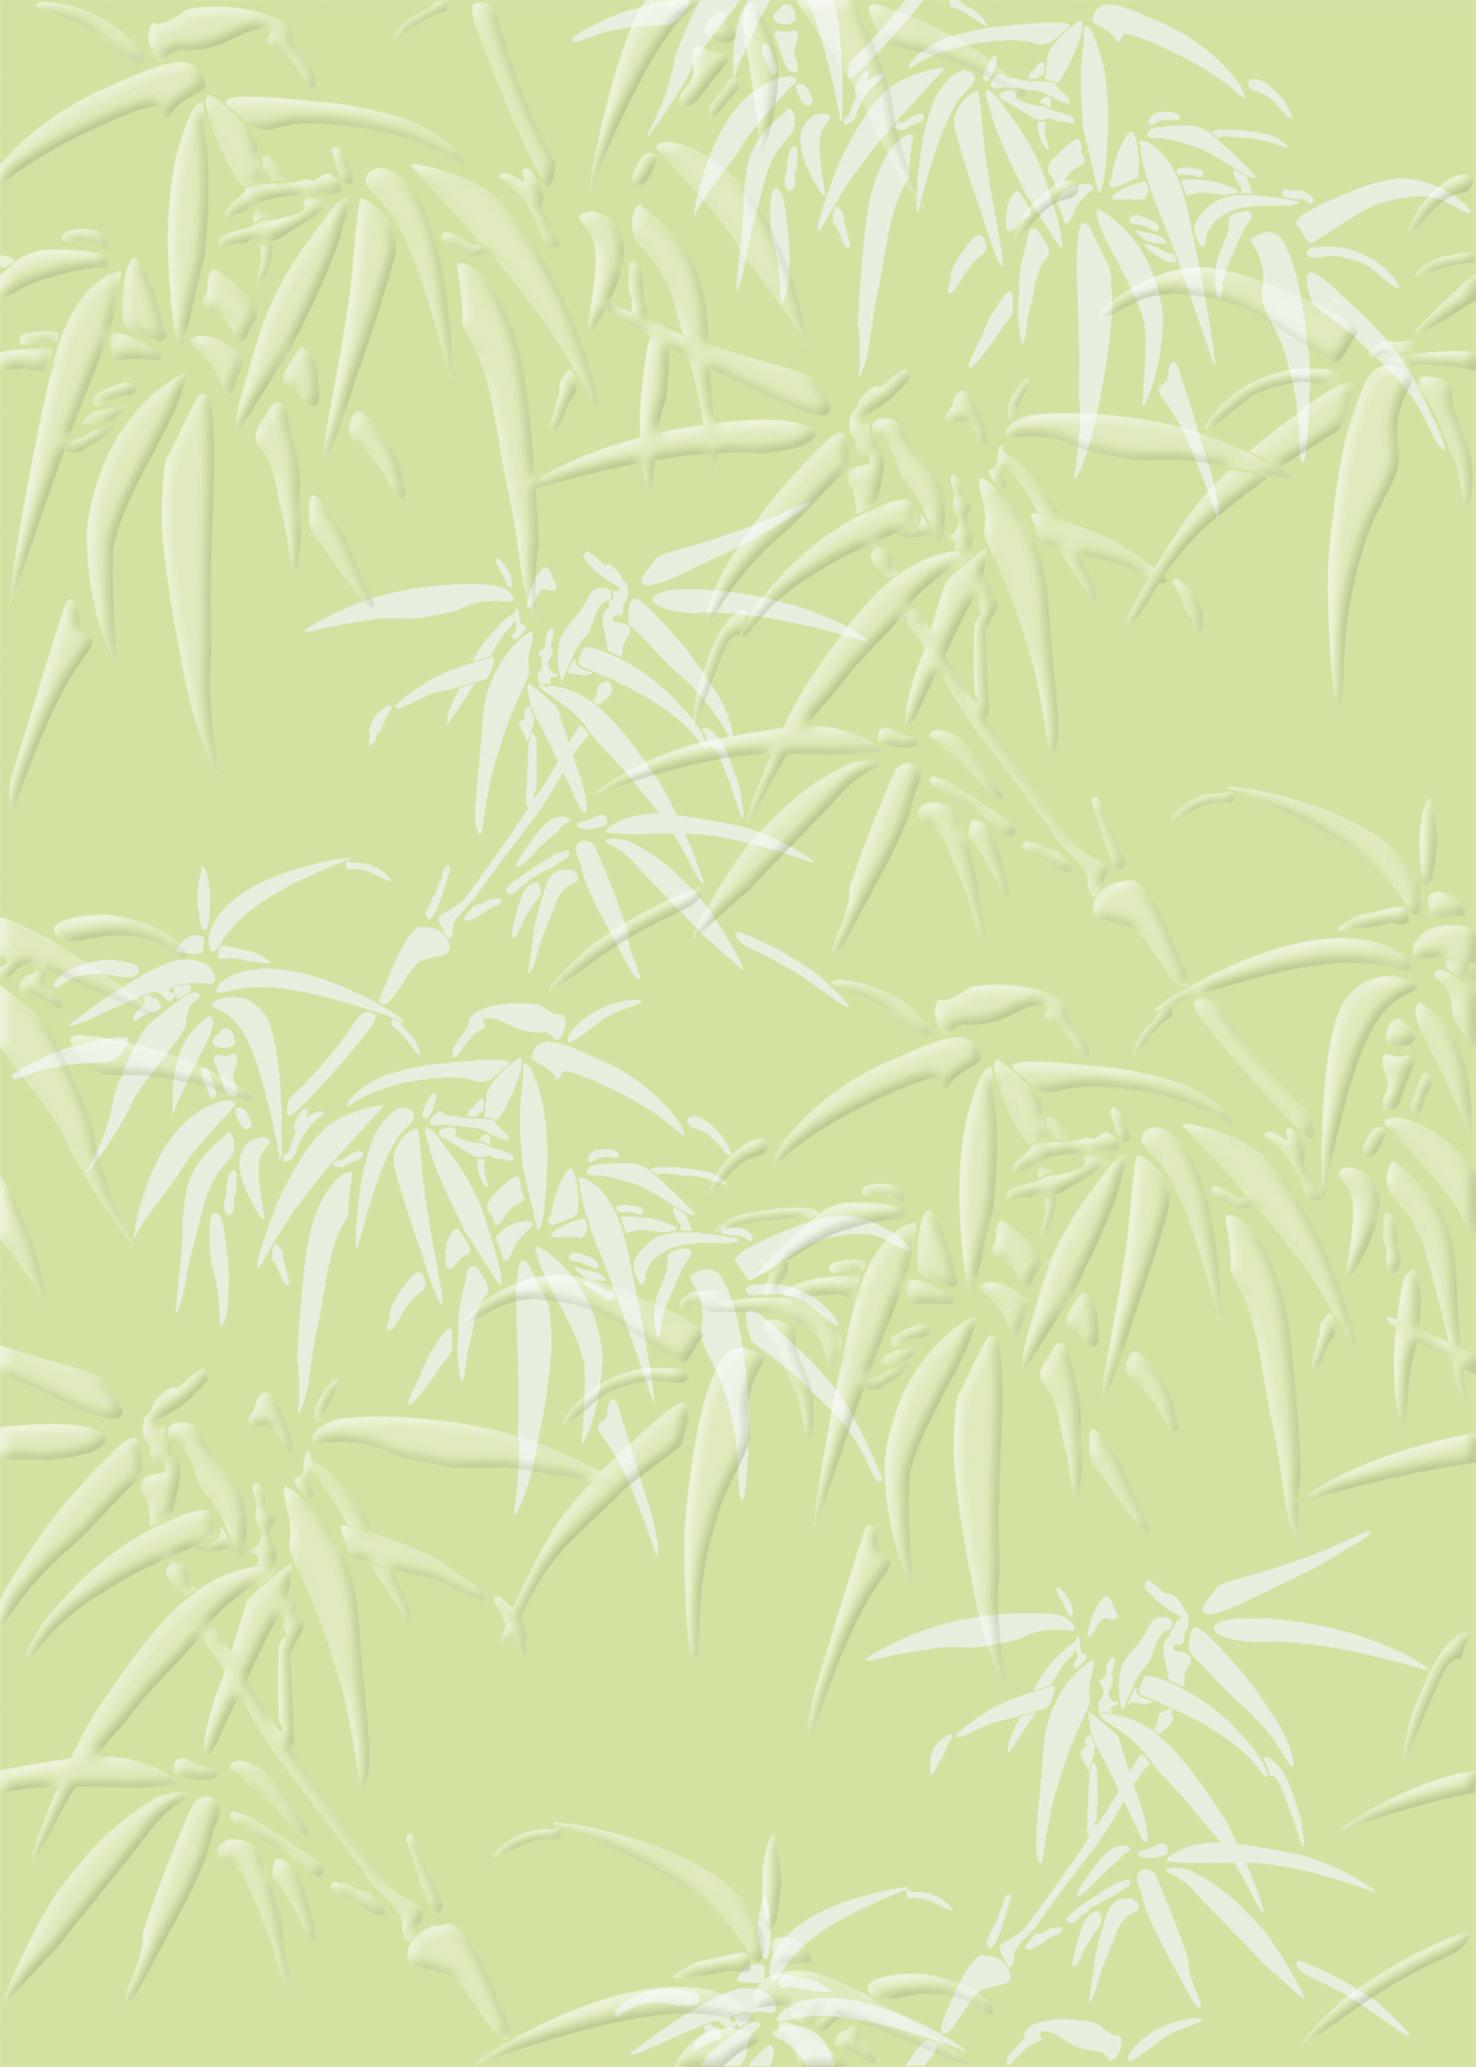 Плитка облицовочная Rovese (cersanit)Керамическая плитка<br>Коллекция: Jungle,<br>Тип: плитка,<br>Место укладки: стены,<br>Назначение плитки: для ванной комнаты, туалета,<br>Рисунок: флора,<br>Цвет: белый,<br>Поверхность: глянцевая,<br>Размер плитки: 250х350,<br>Толщина: 7,<br>Страна происхождения: Россия,<br>Количество в упаковке: 16,<br>м2 в упаковке: 1.4<br>